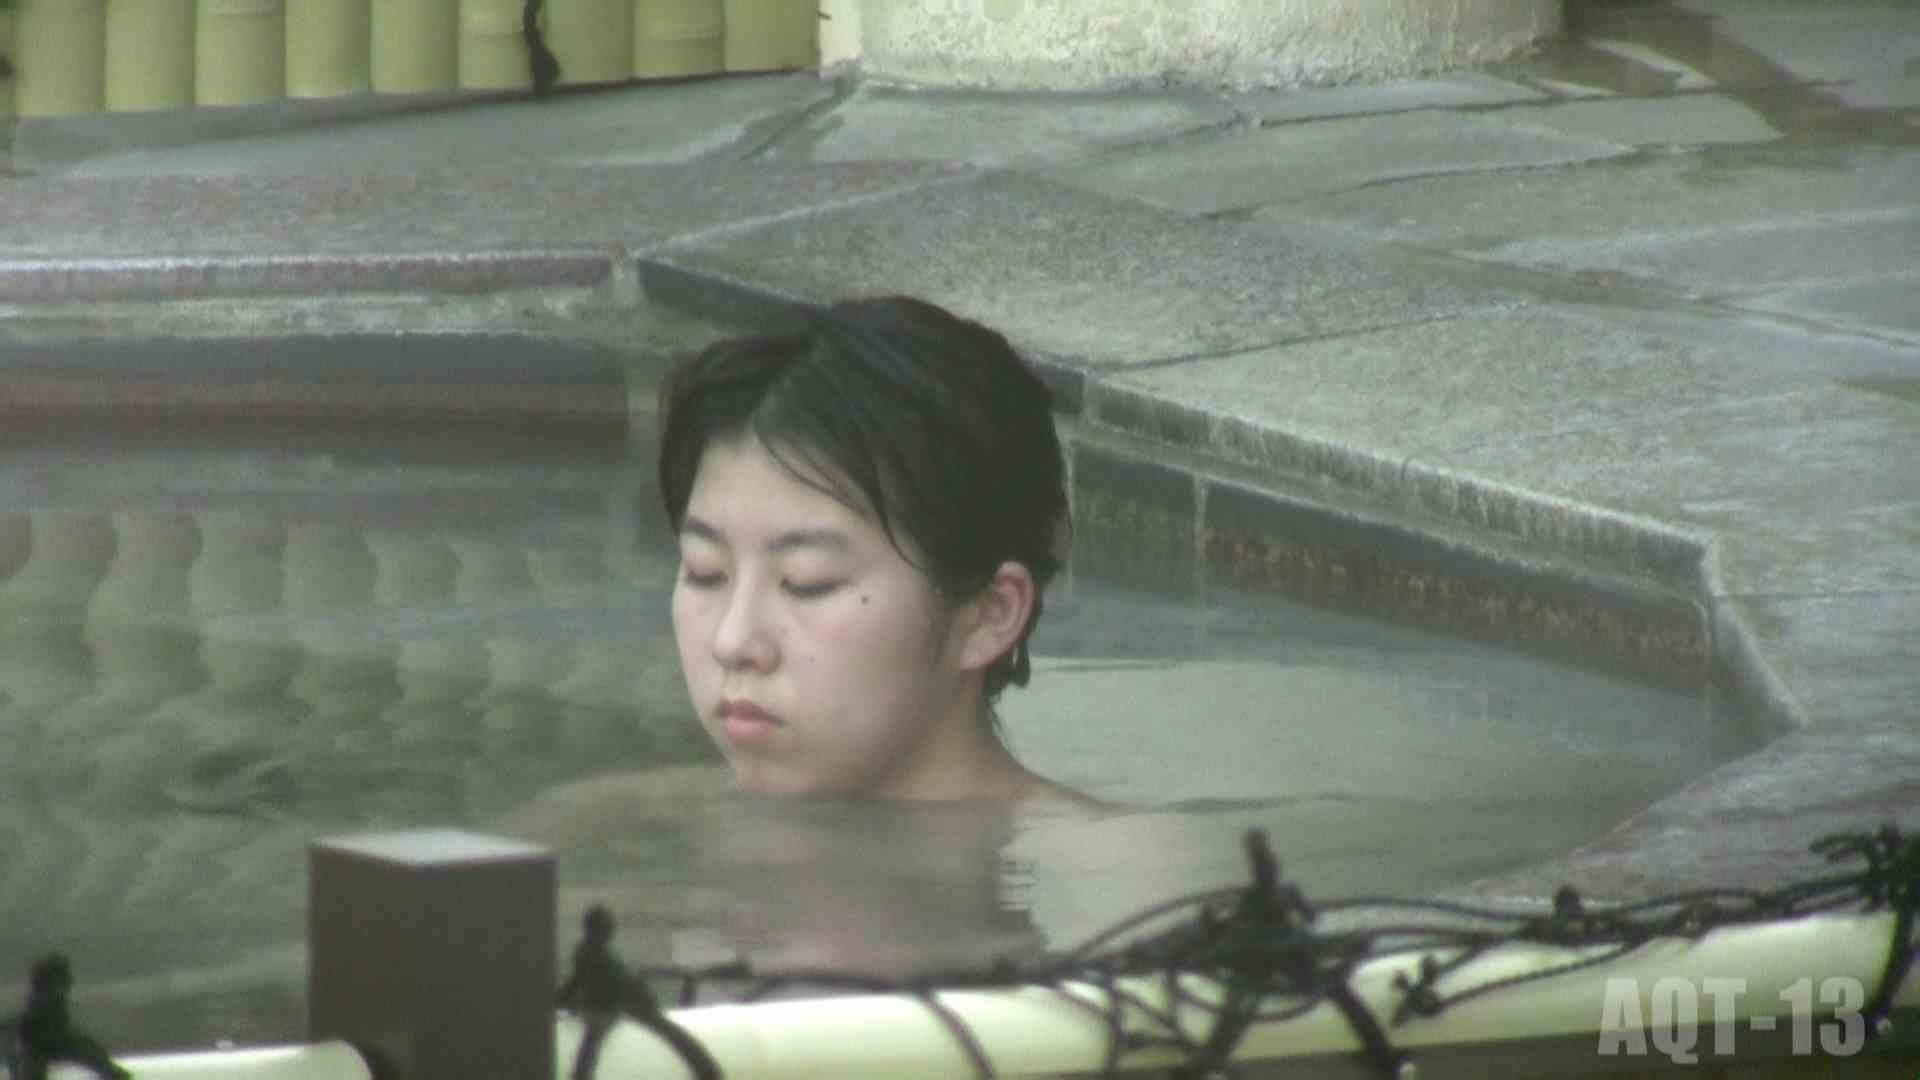 Aquaな露天風呂Vol.816 OLのエロ生活  90連発 36